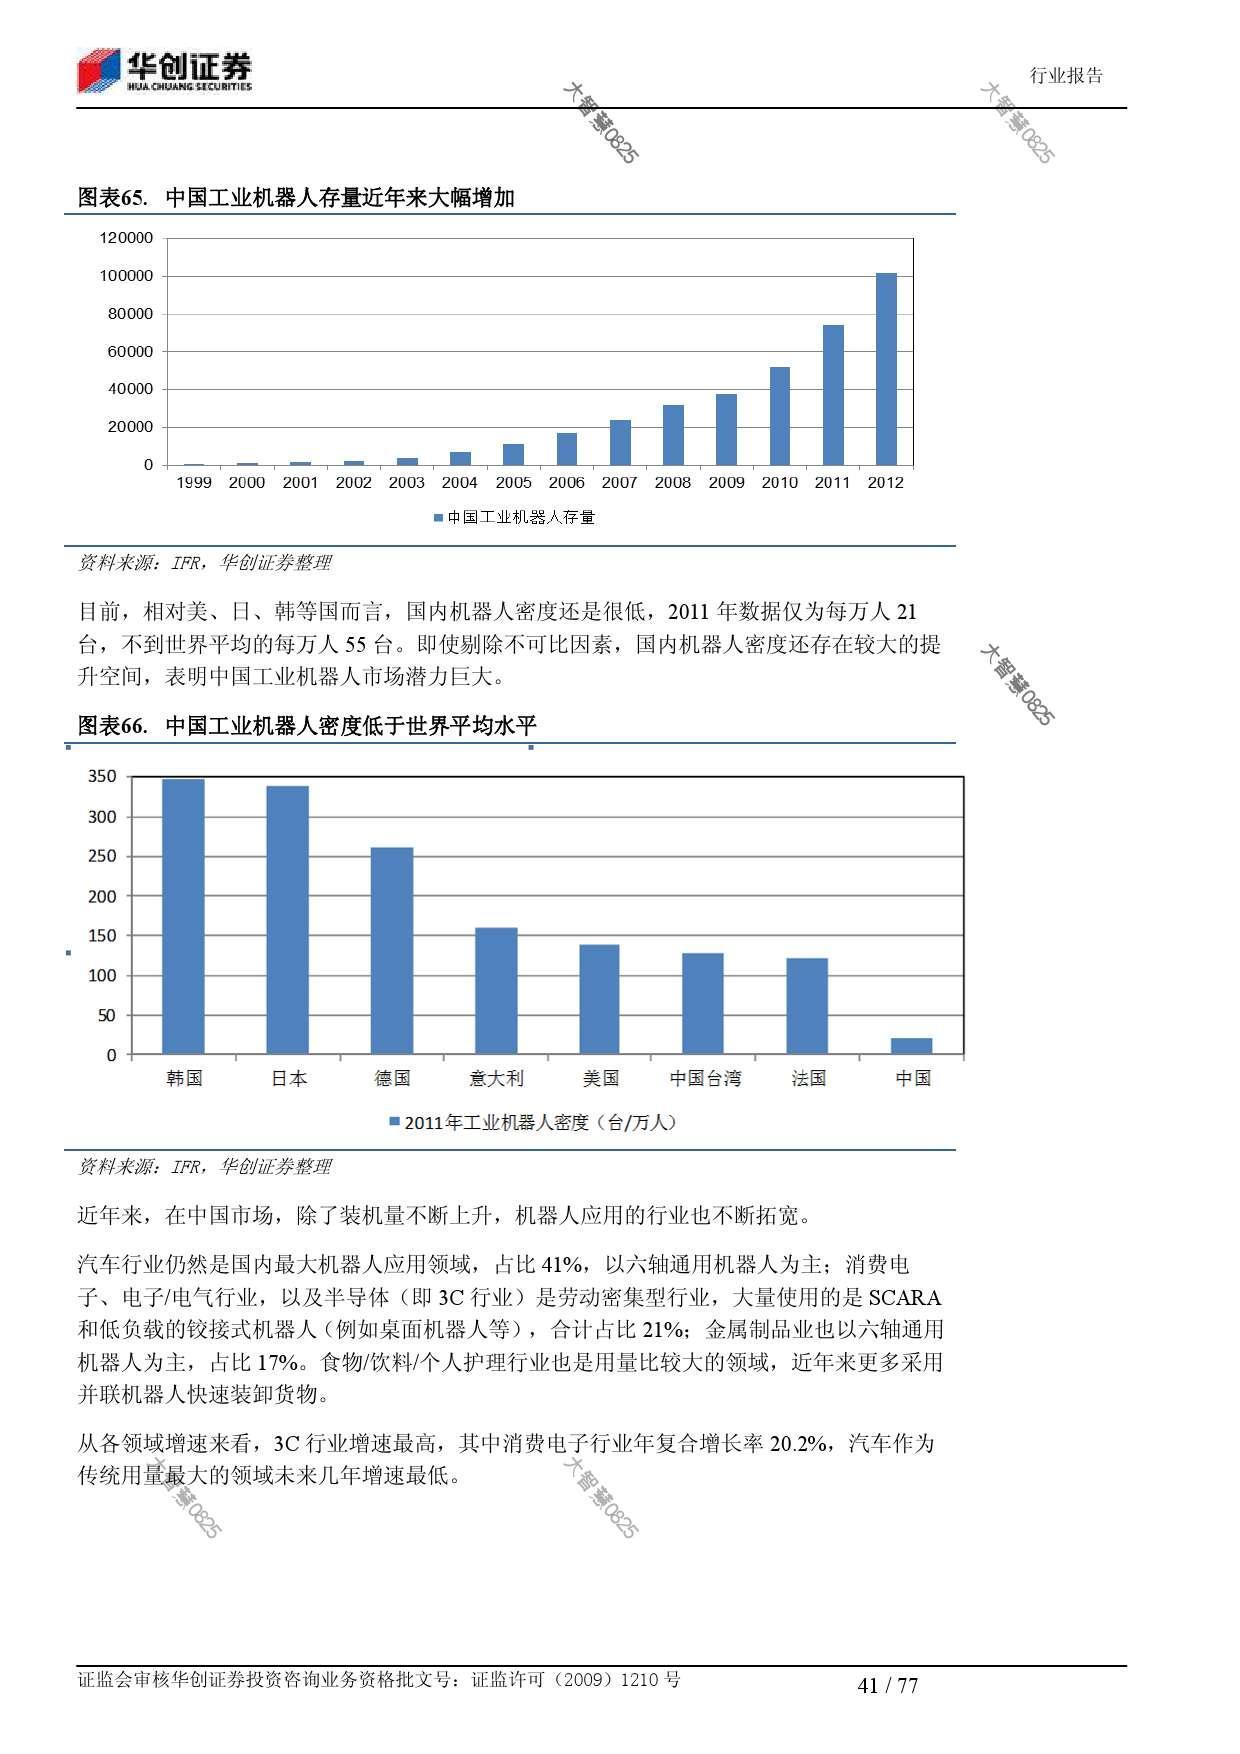 行业研究_华创证券_刘国清,鲁佩_机械设备:机器人大趋势_2014021_000041